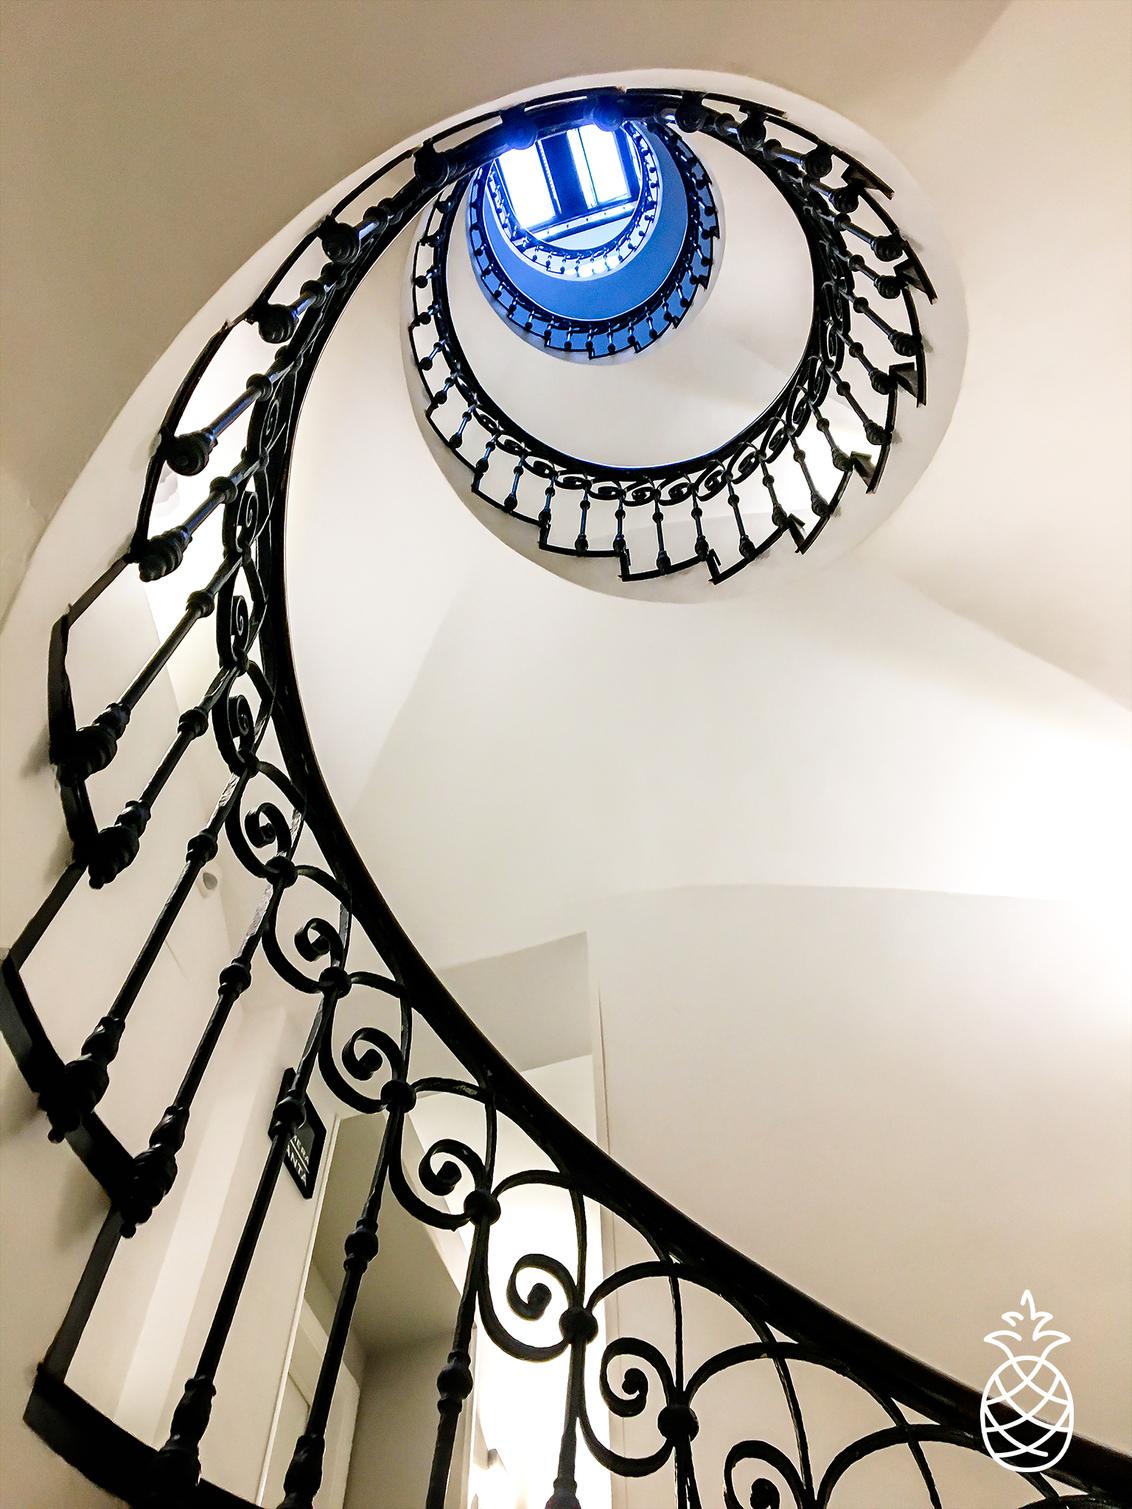 Going Up - Altijd op zoek naar mooie trappen. Deze vond ik in Alicante Spanje.  Gemaakt met iiPhone. Wel gevraagd of ik met camera terug mag komen.... - foto door HenkPijnappels op 15-08-2020 - deze foto bevat: oud, trap, abstract, licht, lijnen, architectuur, gebouw, kunst